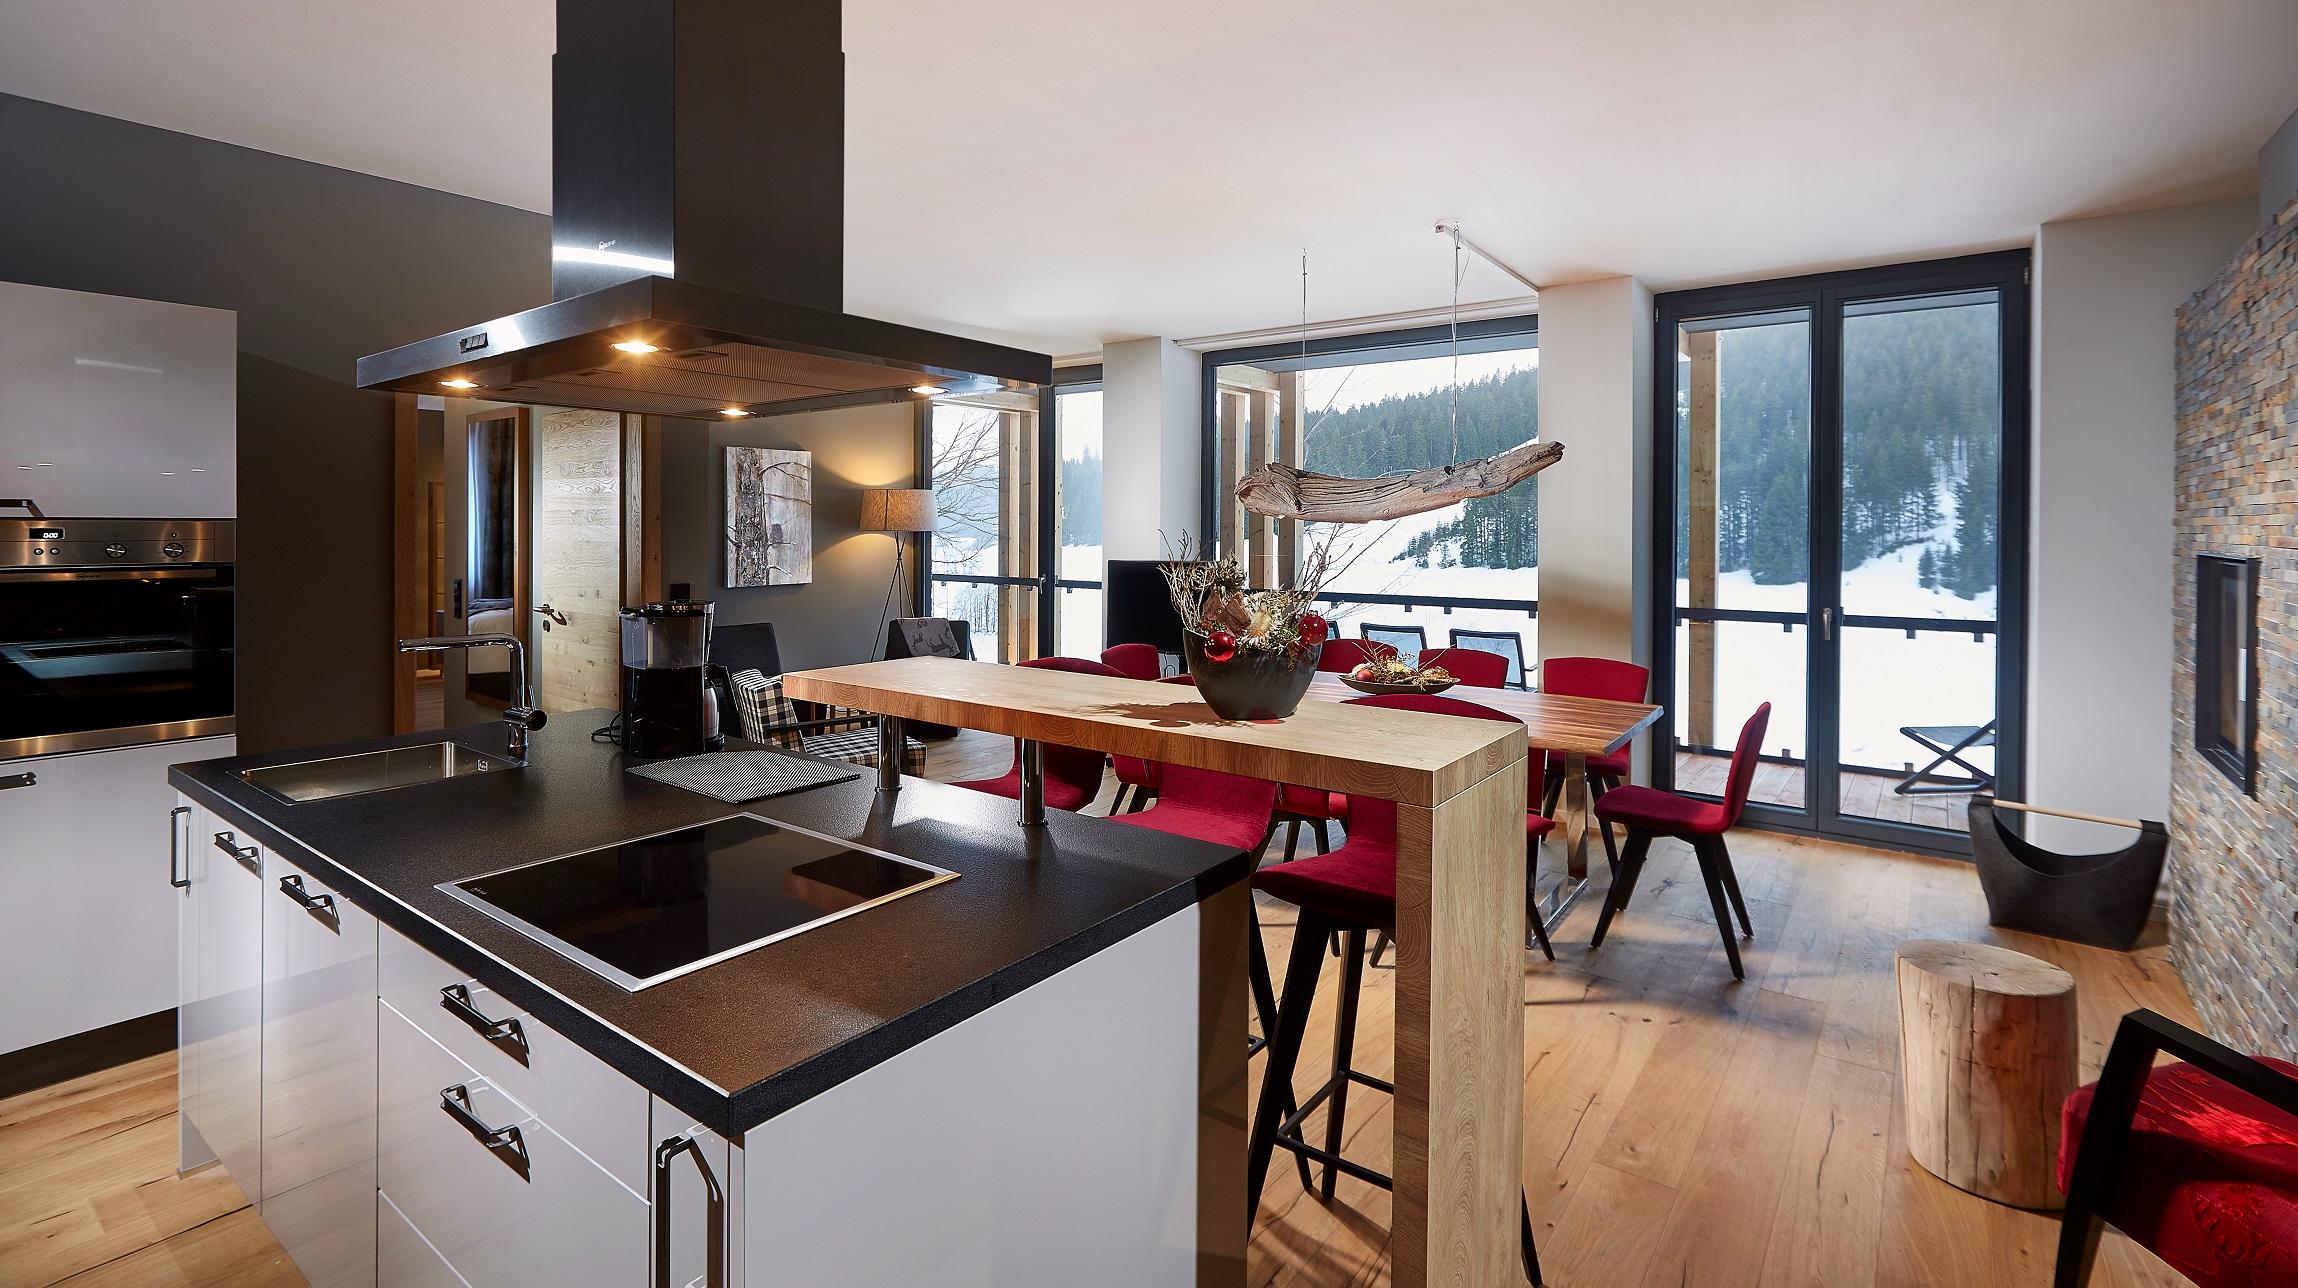 ferienwohnung feldberg f r den urlaub mit hund f r bis zu 4 personen mieten. Black Bedroom Furniture Sets. Home Design Ideas